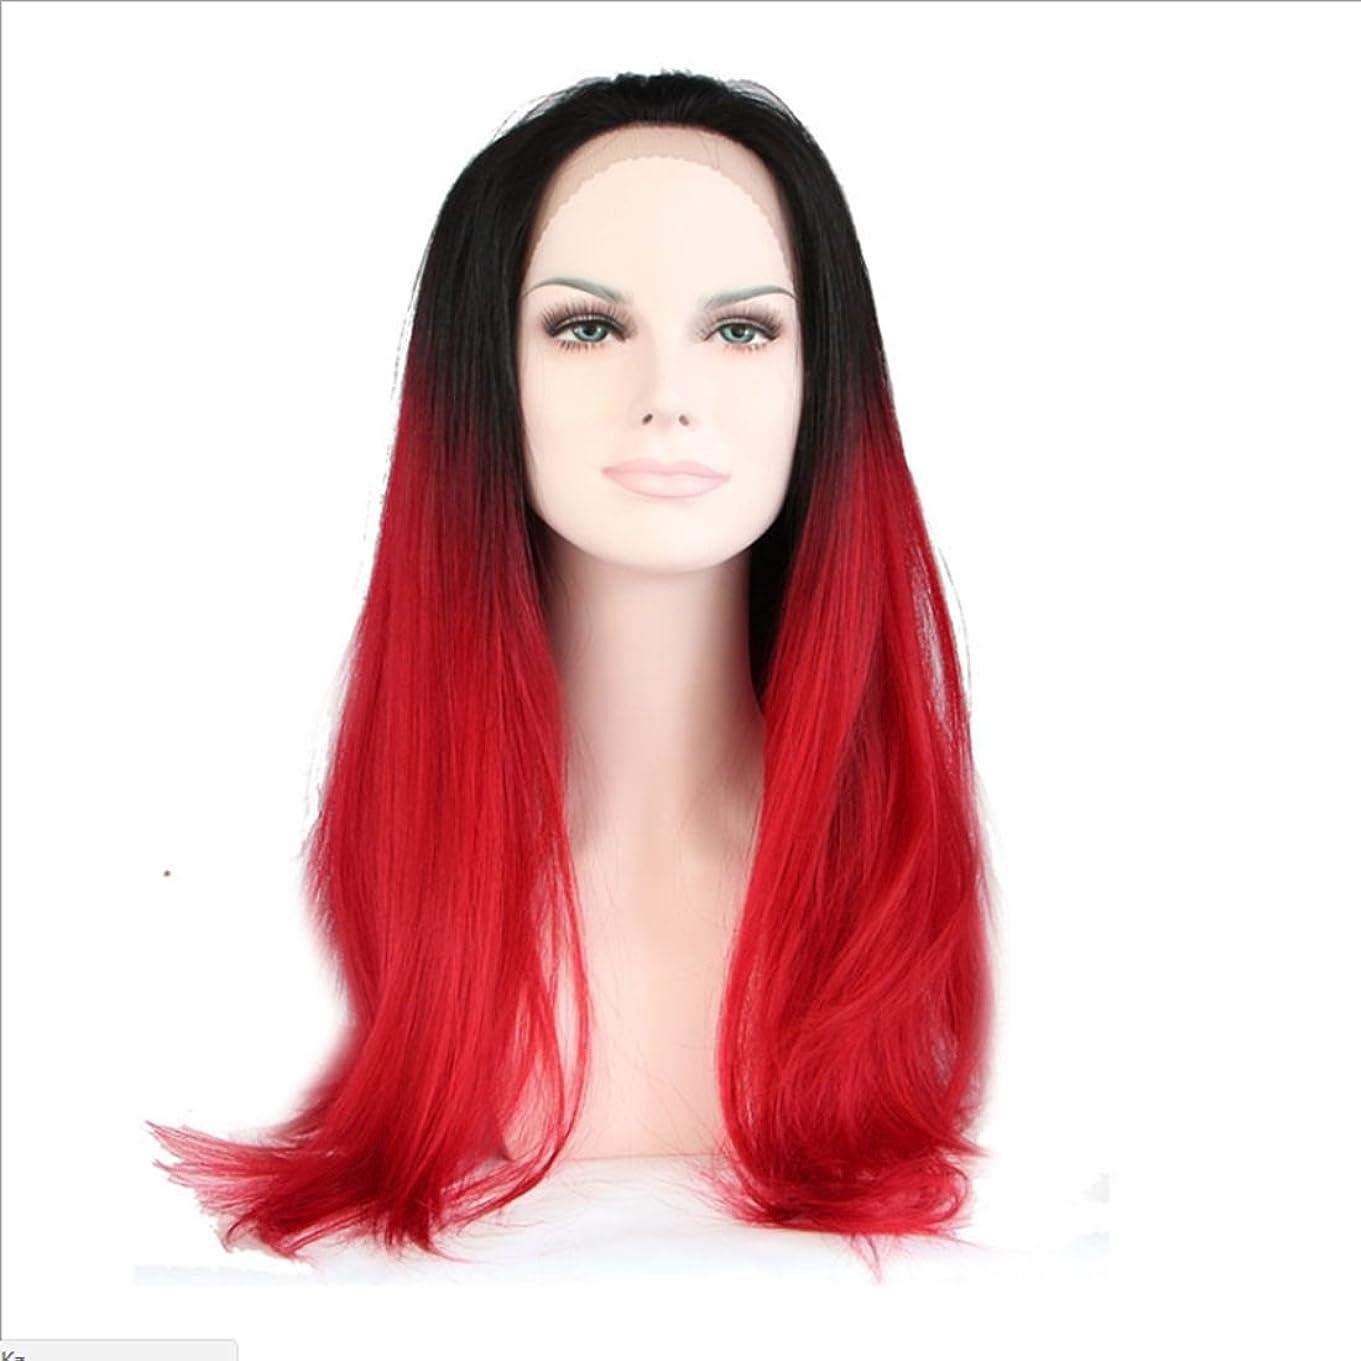 不名誉会員機械BOBIDYEE 女性のための高温シルク合成かつらレース前部長い前髪付きストレートヘアレースヘアー耐熱かつら(シルバーホワイトグラデーションブラック、ブラックグラデーションビッグレッド)ロールプレイングウィッグ (色 : Black gradient big red)